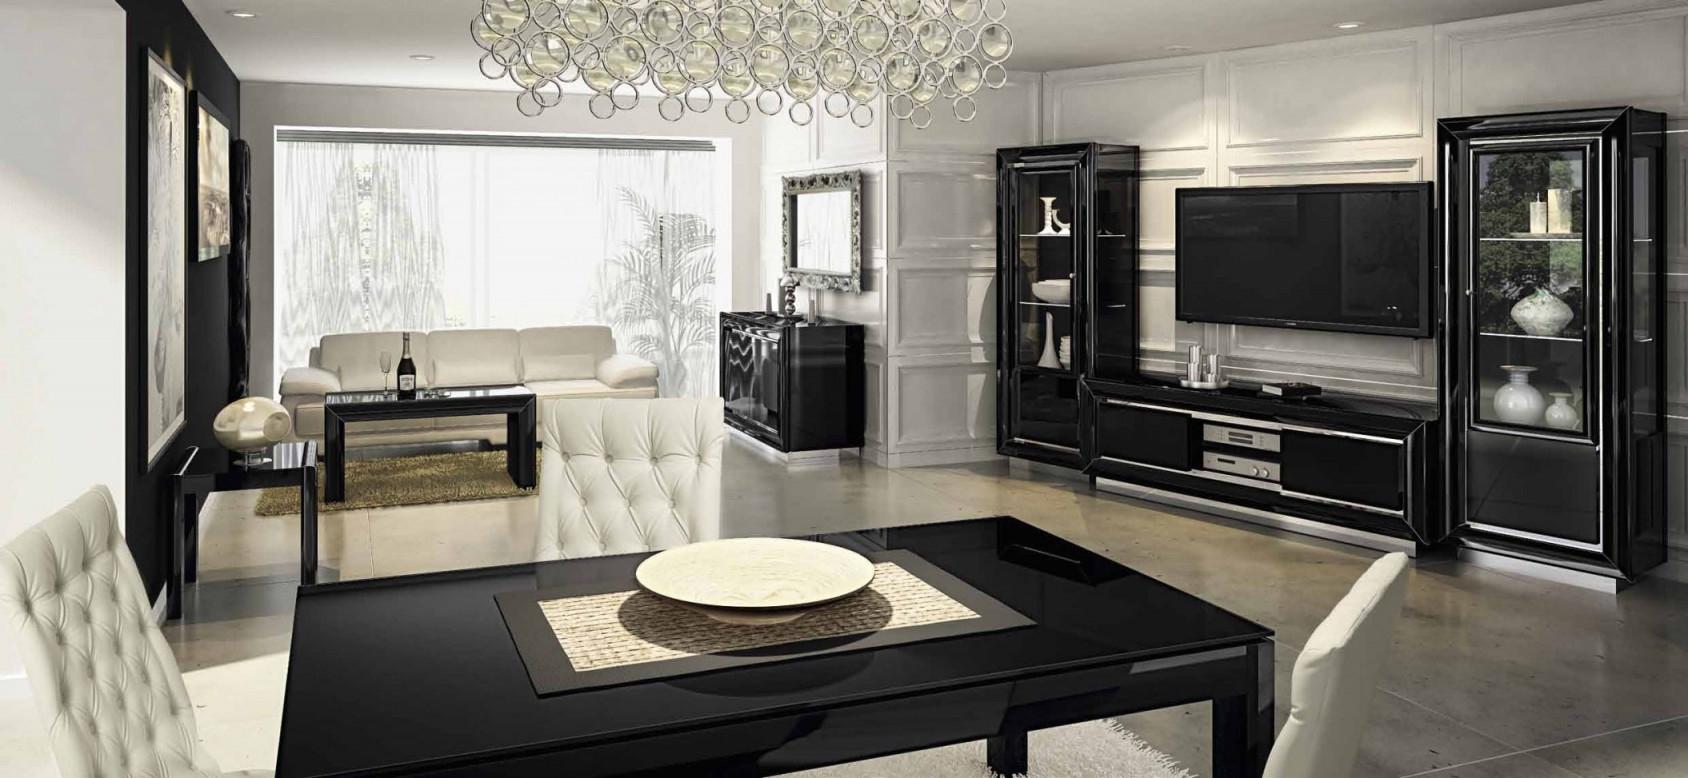 Maskulin Wohnzimmer Ideen Mit Schwarzen Möbeln  Dekomobel von Möbel Ideen Wohnzimmer Bild